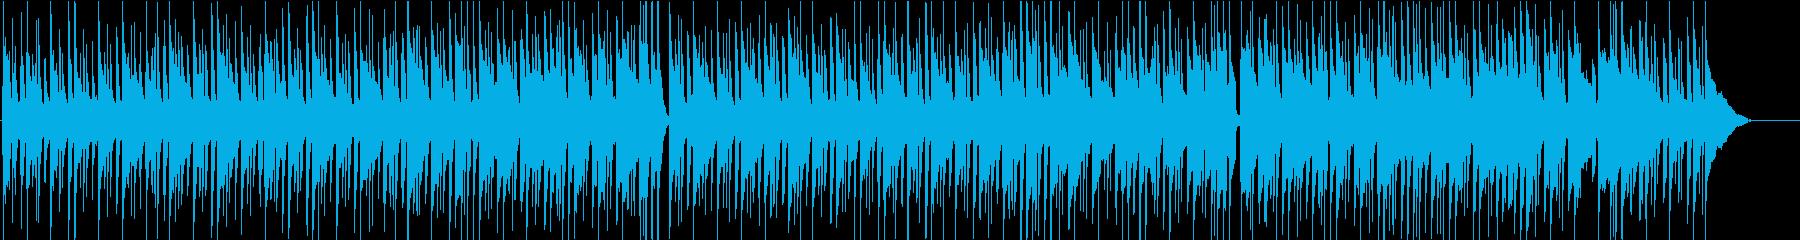 ほのぼの日常系リコーダーソングの再生済みの波形